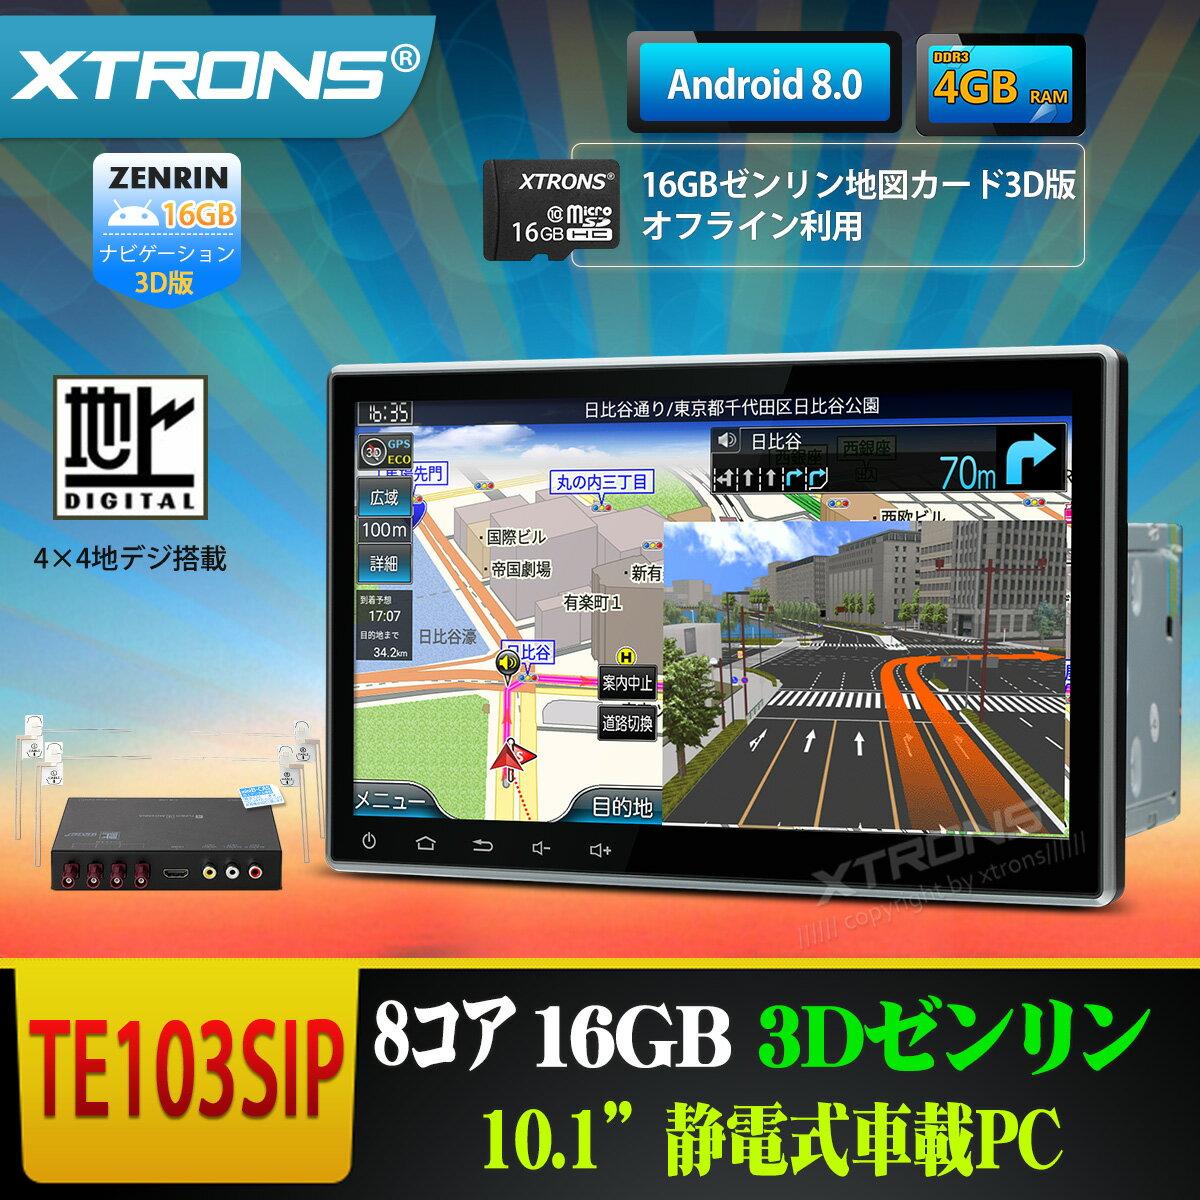 (TE103SIP)XTRONS 10.1インチ 8コア Android8.0 ROM32GB+RAM4GB フルセグ 地デジ搭載 アプリ連動操作可能 静電式2DIN一体型車載PC 最新16GB地図付 DVDプレーヤー カーナビ WIFI OBD2 4G WIFI ミラーリング 送料無料 一年保証付き